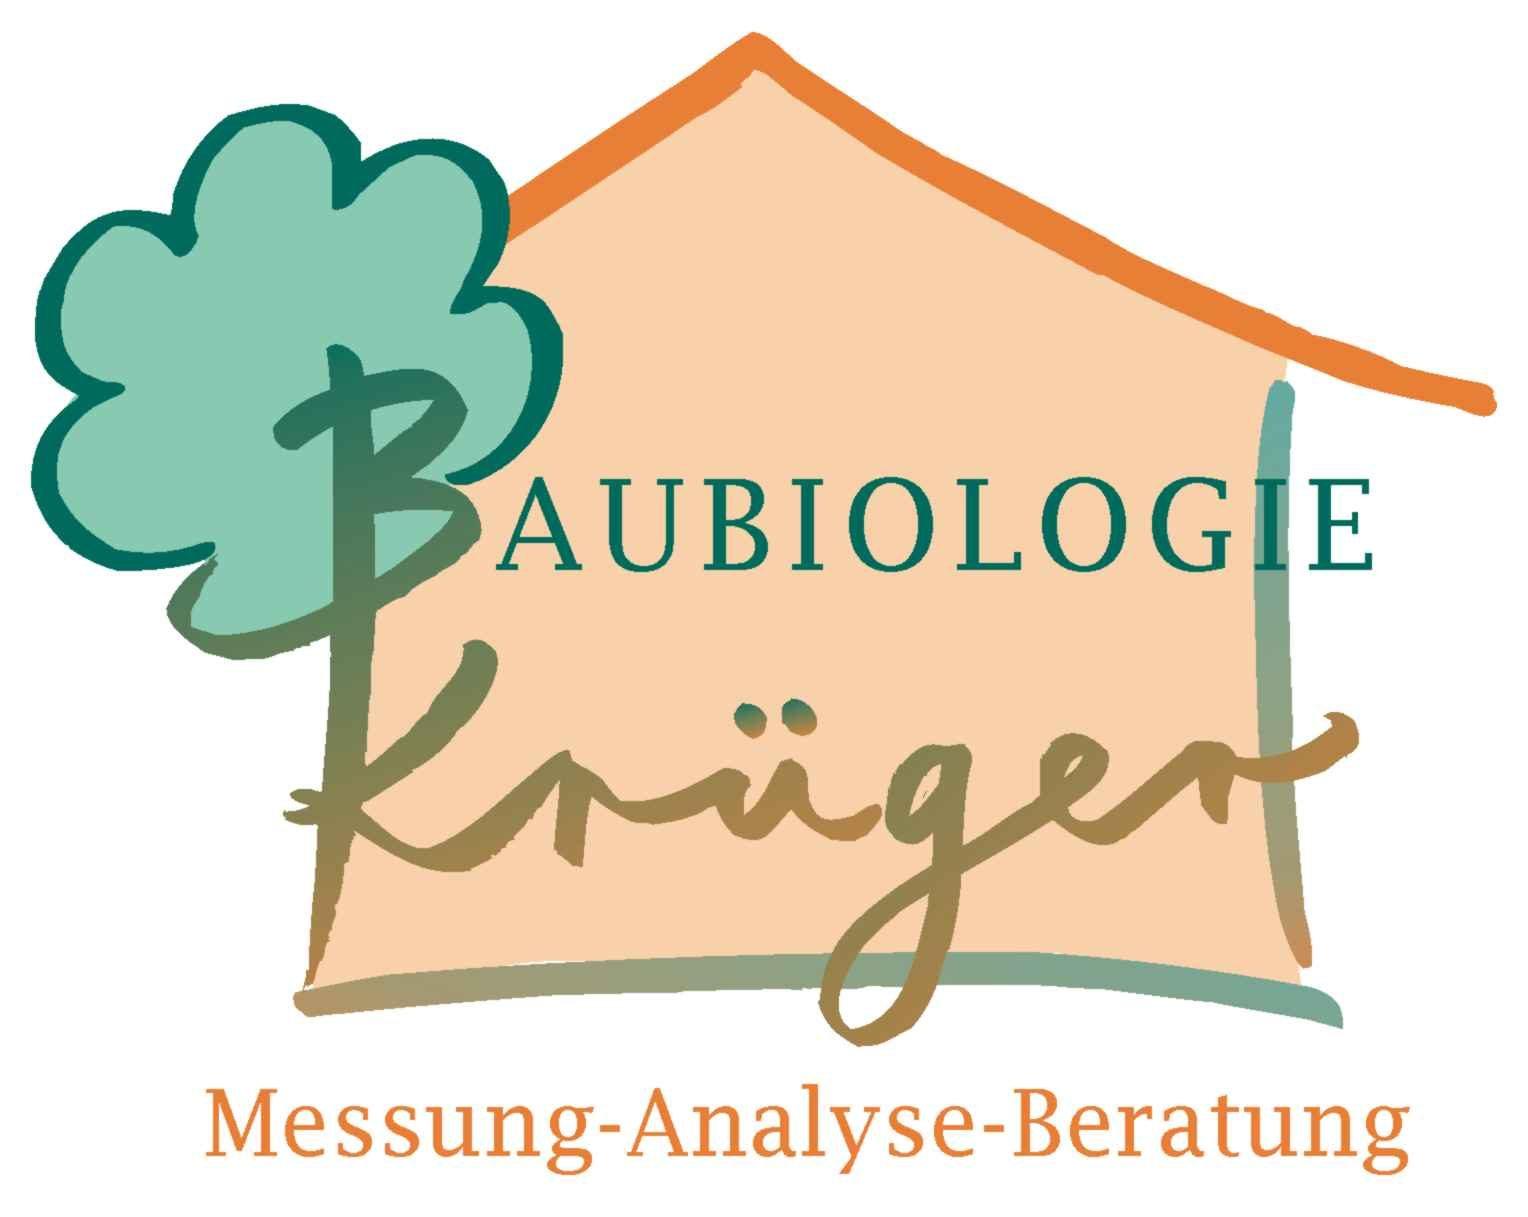 Baubiologie Krüger